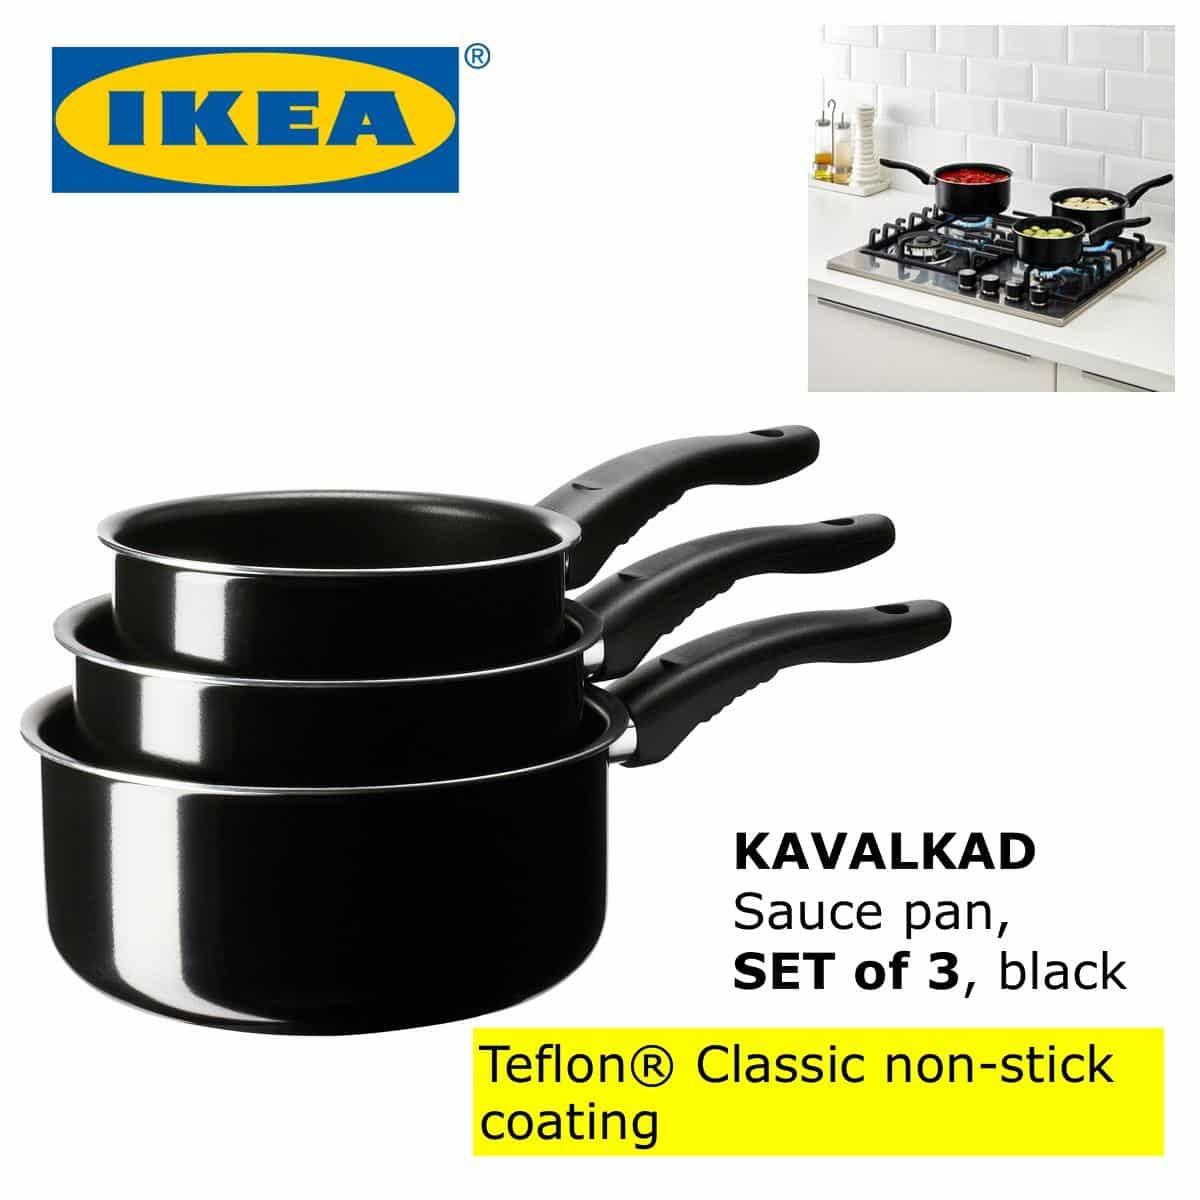 IKEA-Kavalkad